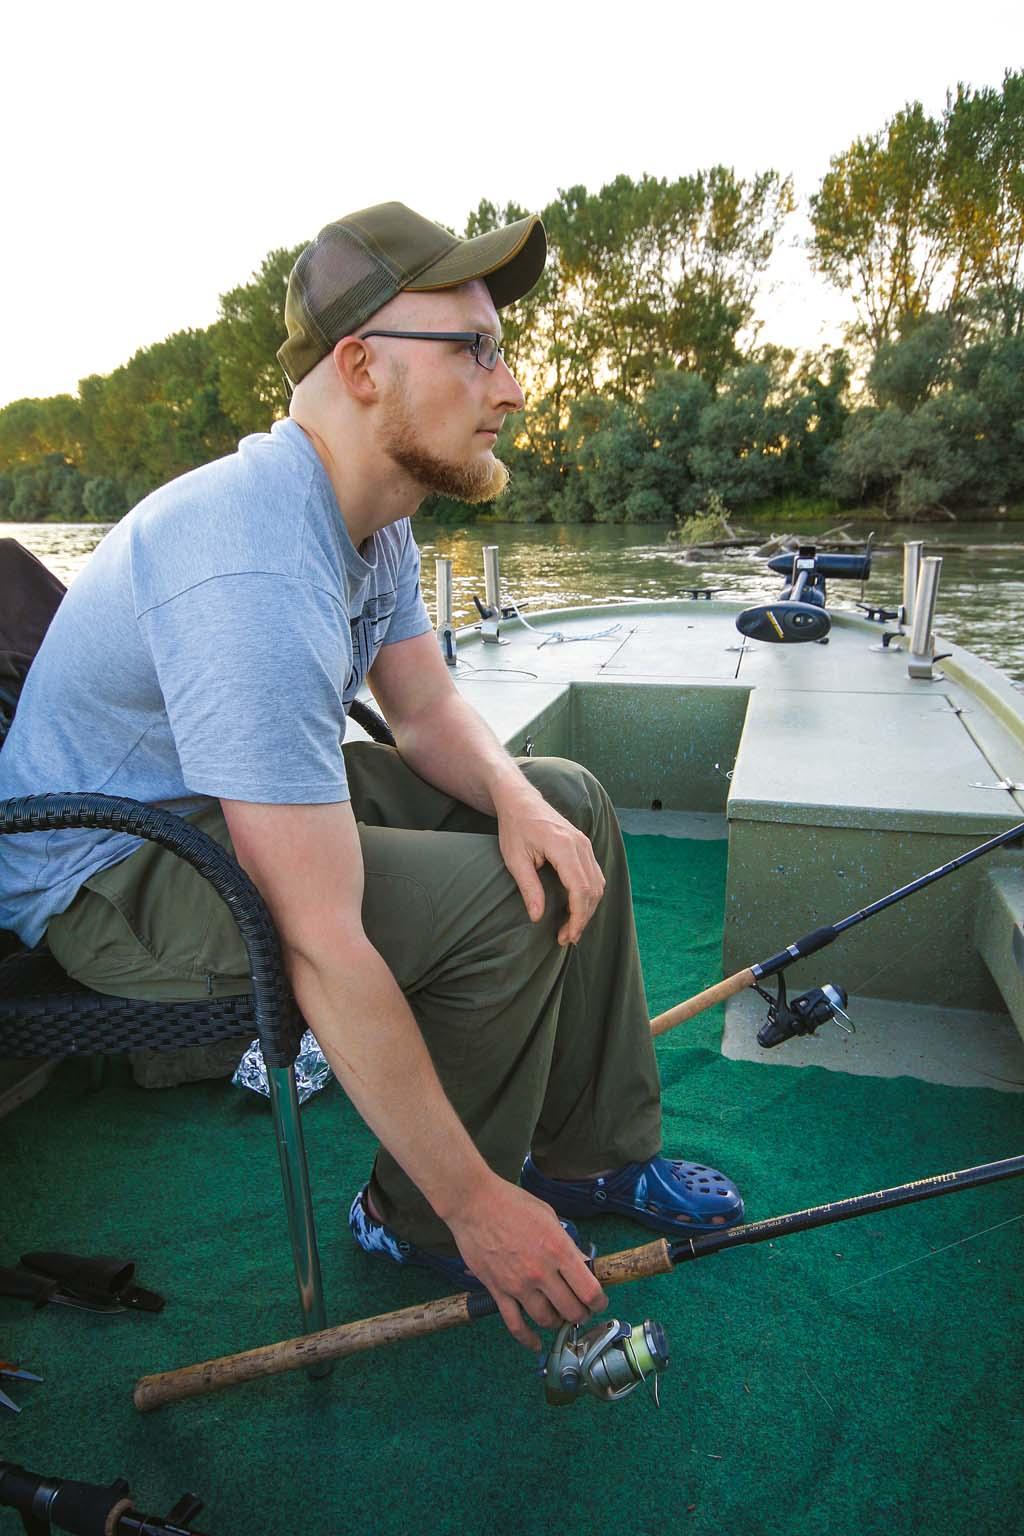 Wer beim Zanderangeln mit Köderfisch immer dicht an seinen Ruten sitzt, kann schneller bei einem Biss reagieren, bevor Freilauf oder Bissanzeiger einen unnötigen Widerstand verursachen. Foto: BLINKER/L.Berding